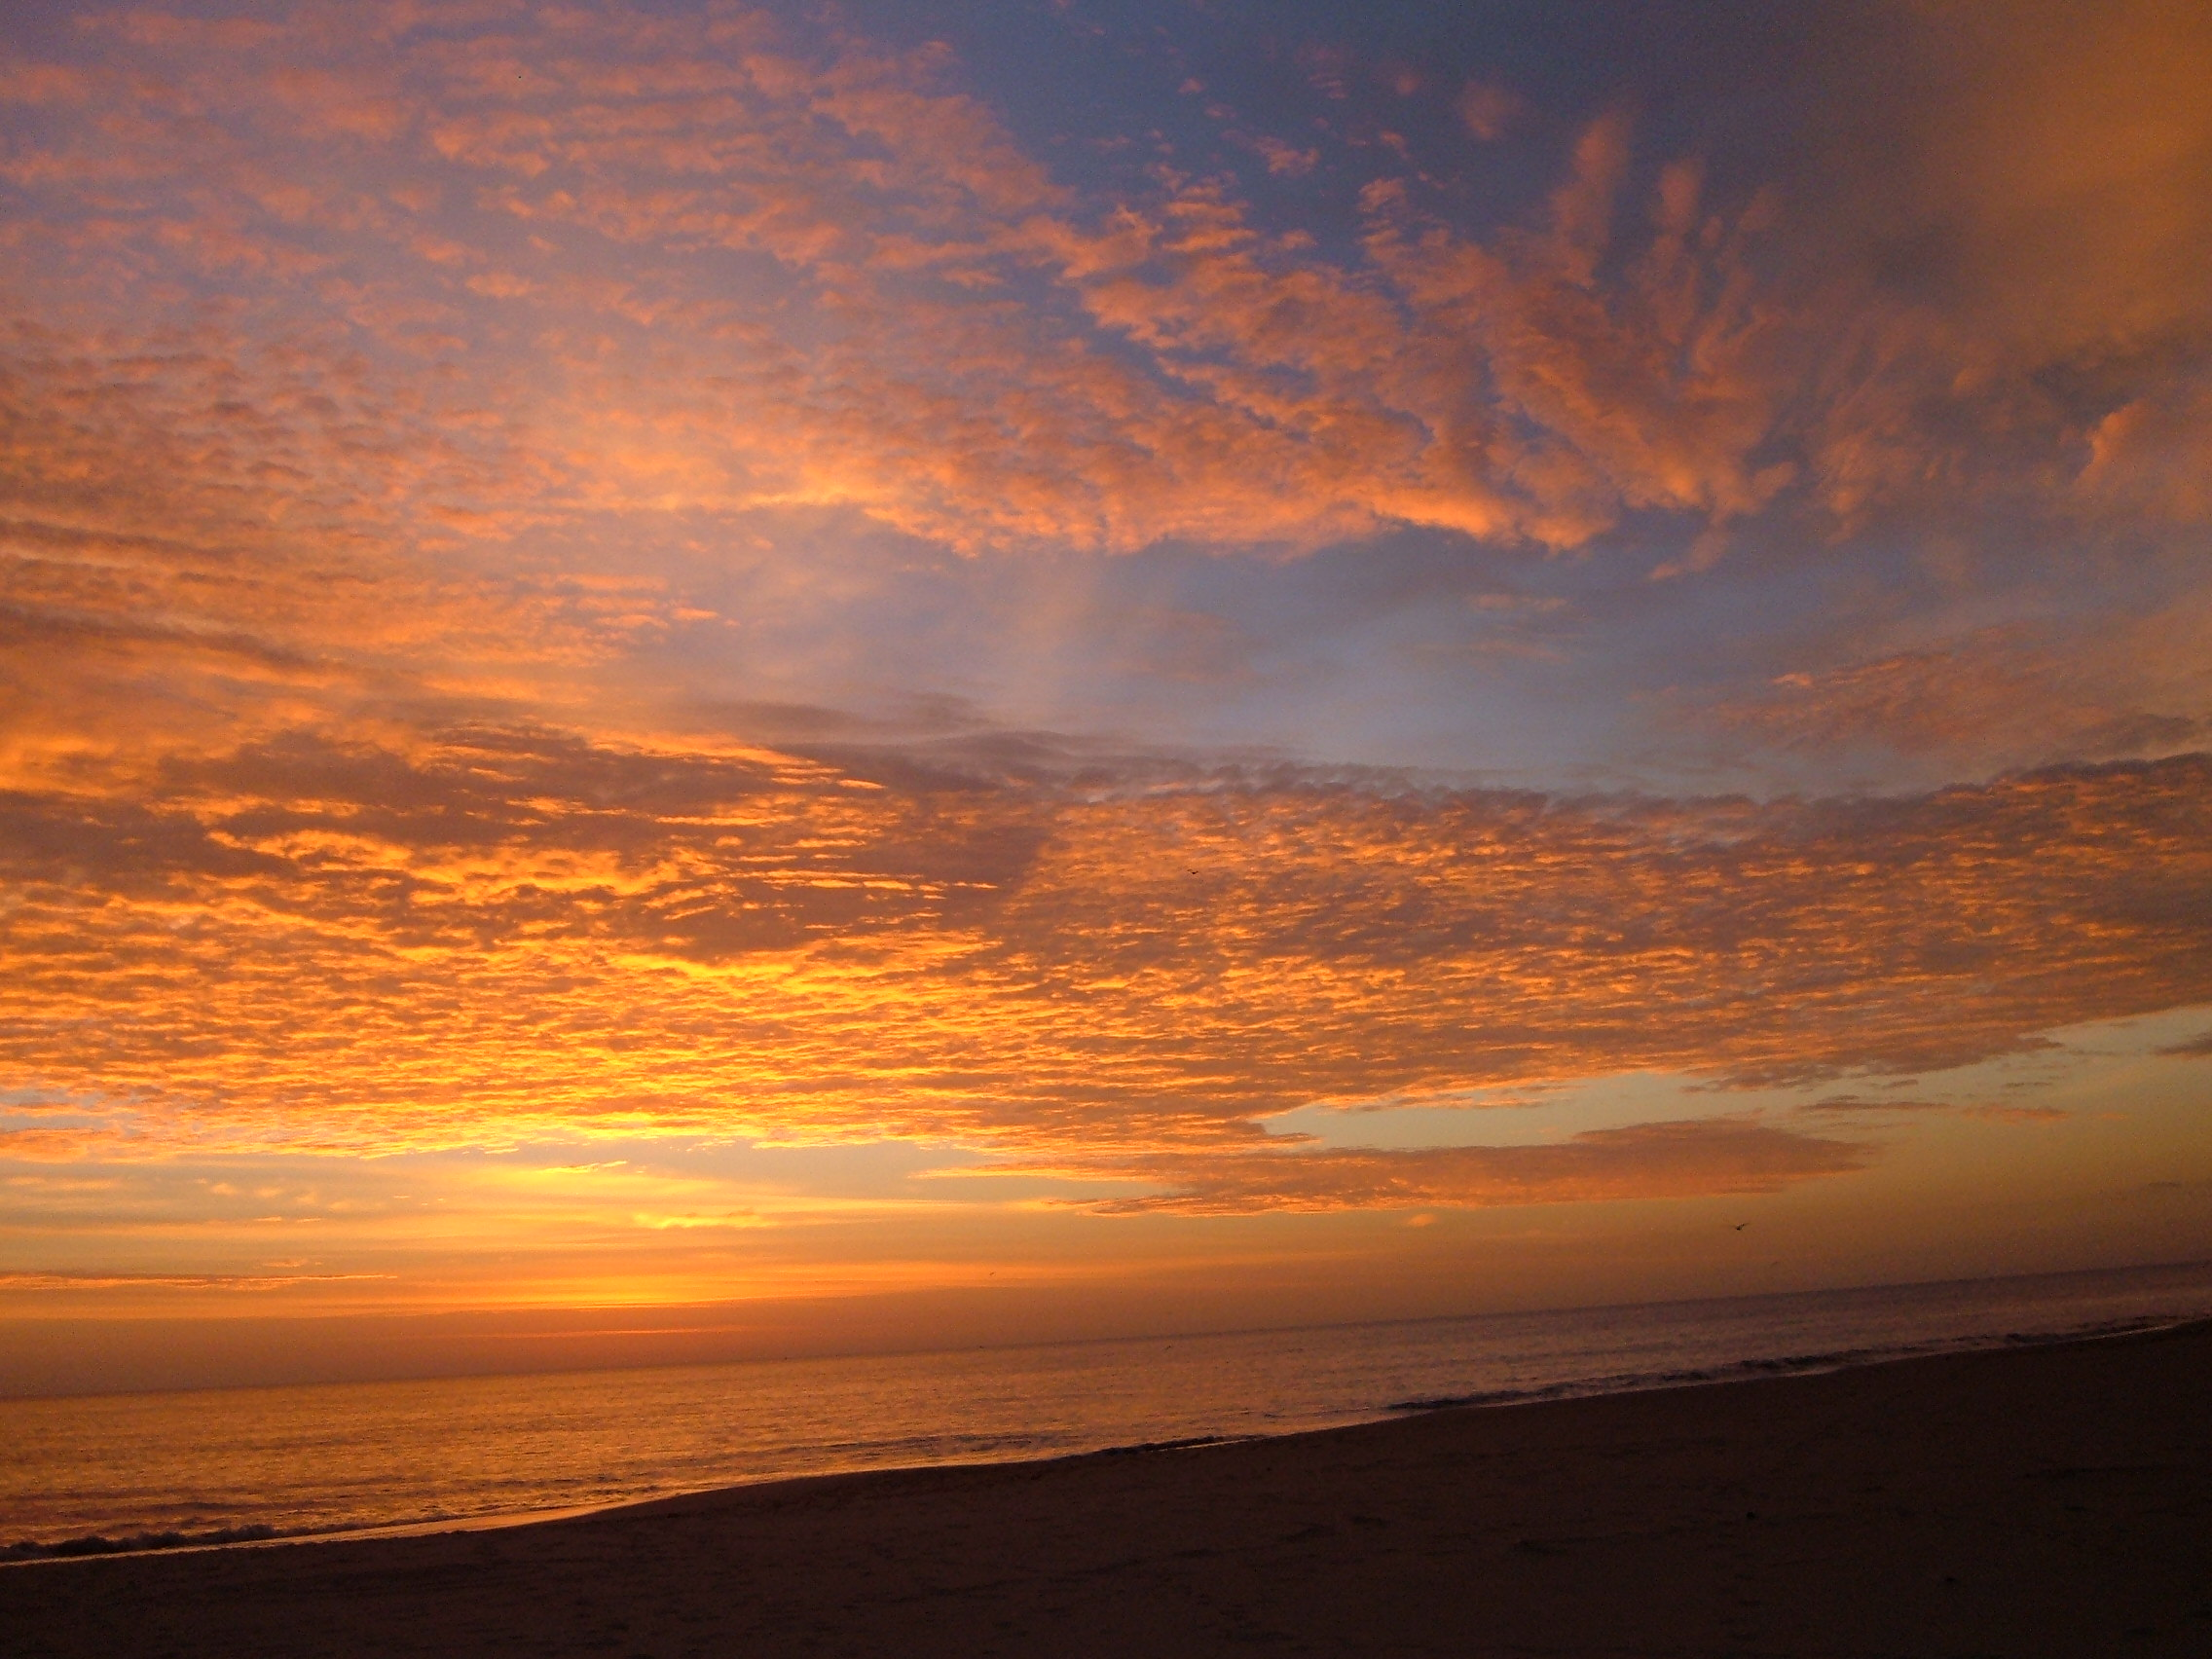 Virginia Beach False Cape State Park